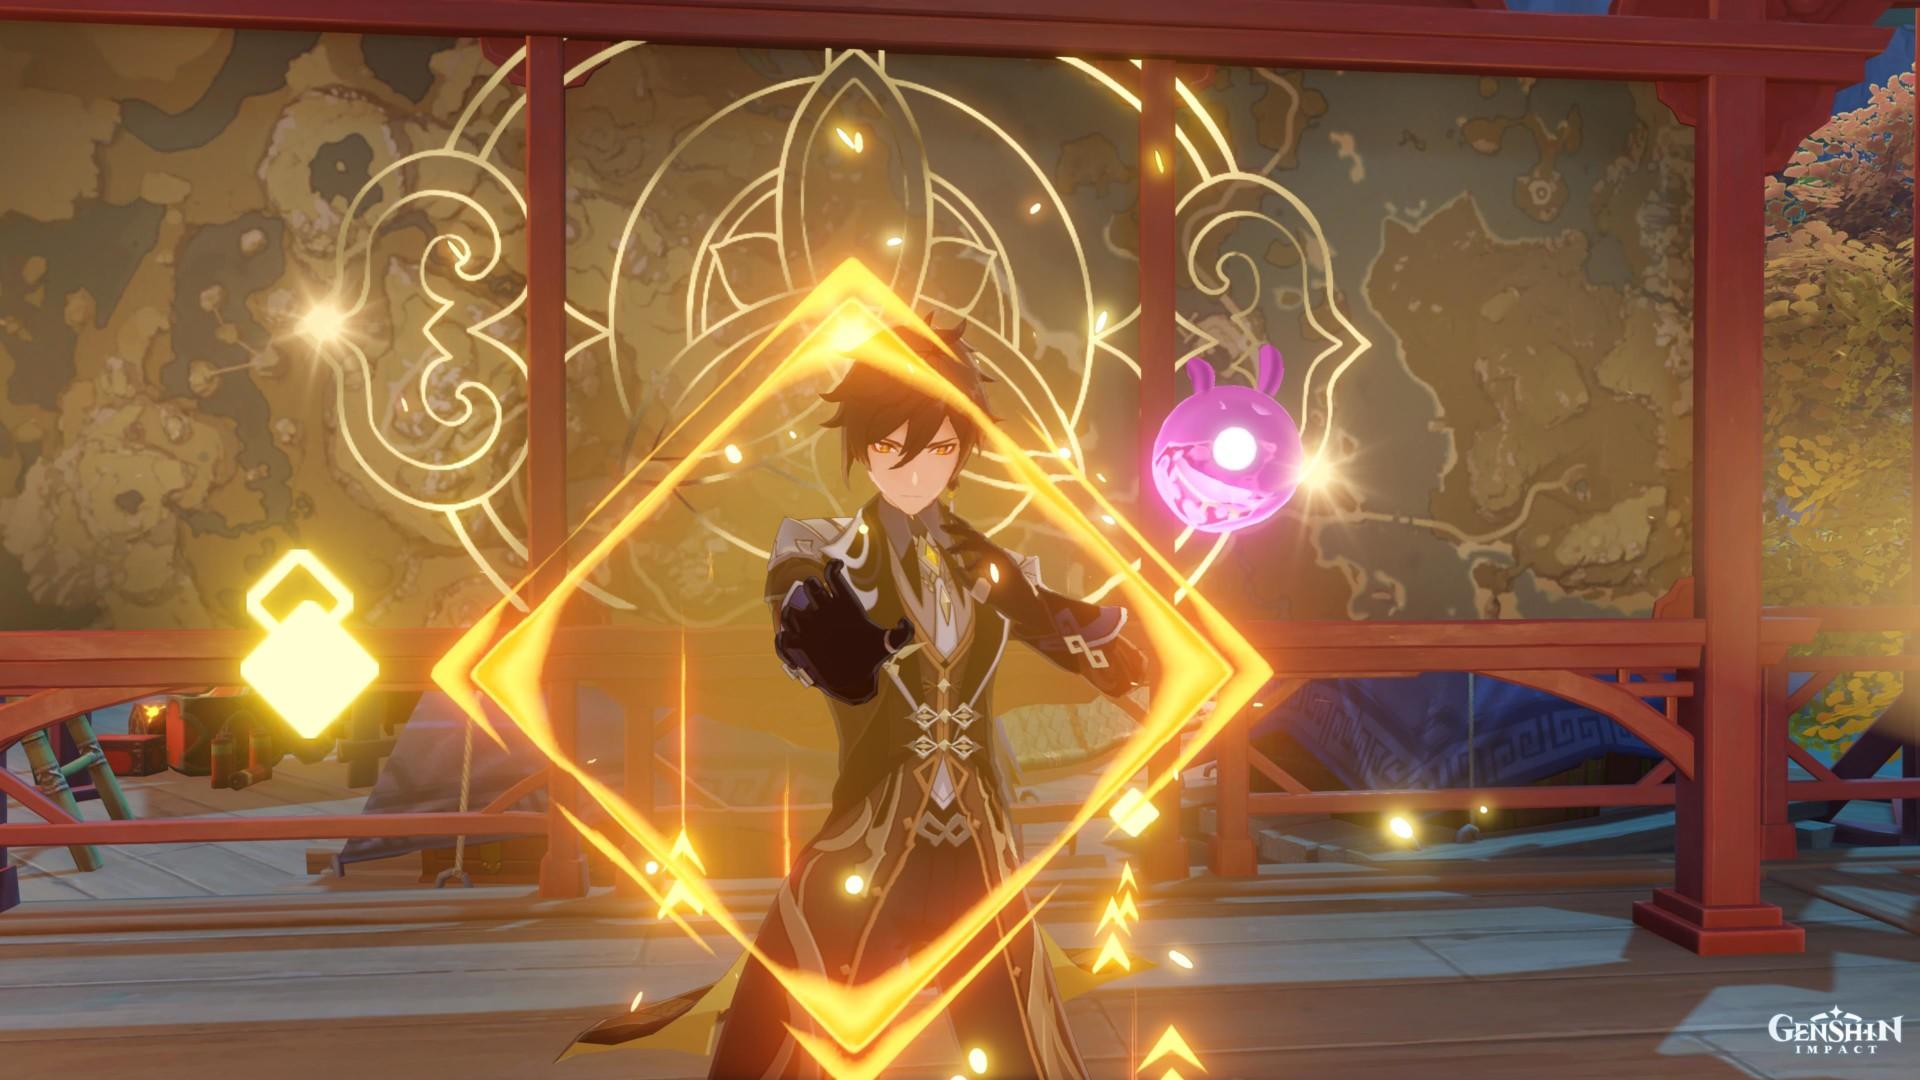 genshin-impact:-lantern-rite-tales-ii-and-illumiscreen-ii